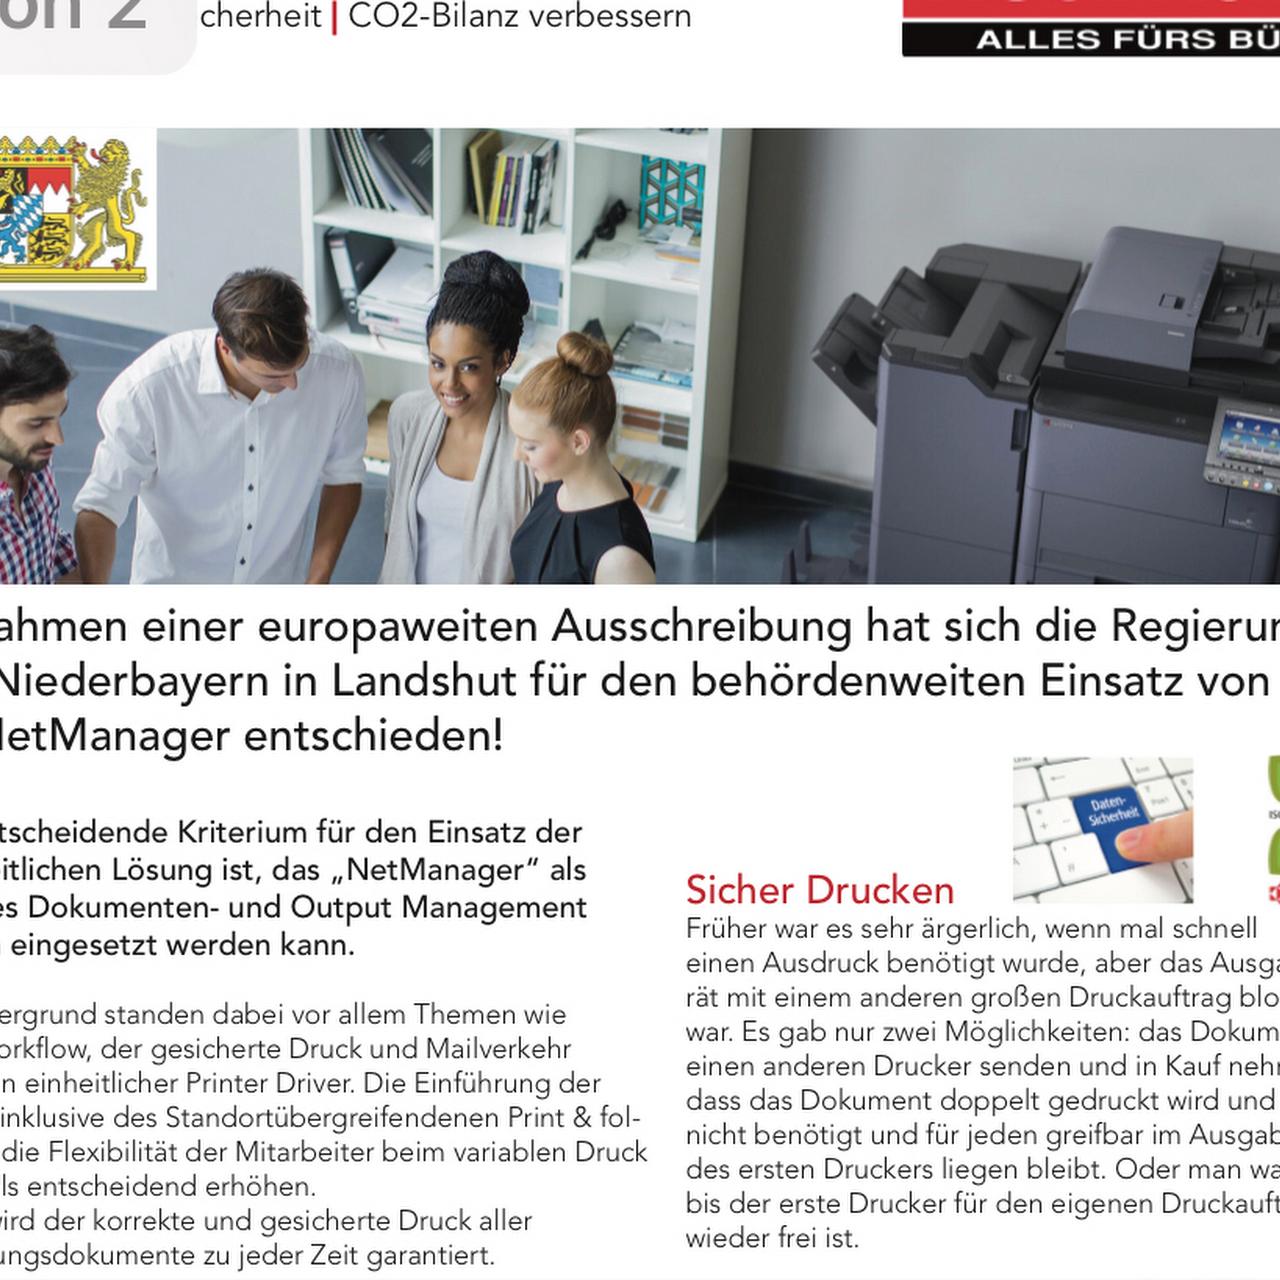 Neumaier alles fürs Büro GmbH - Fachhandel für Bürolösungen in Landshut